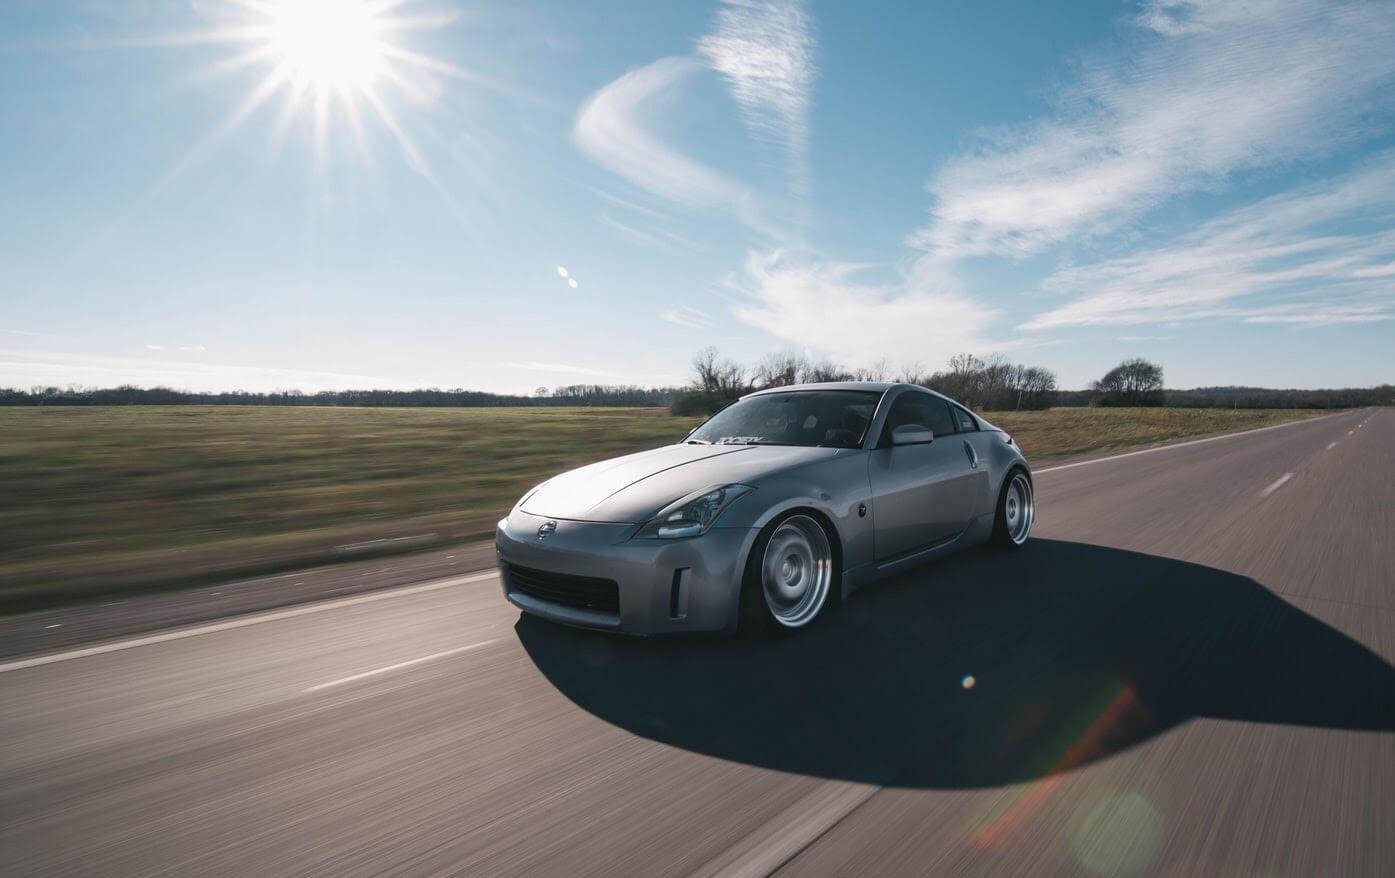 Imagem de um automóvel para ensinar como economizar combustível